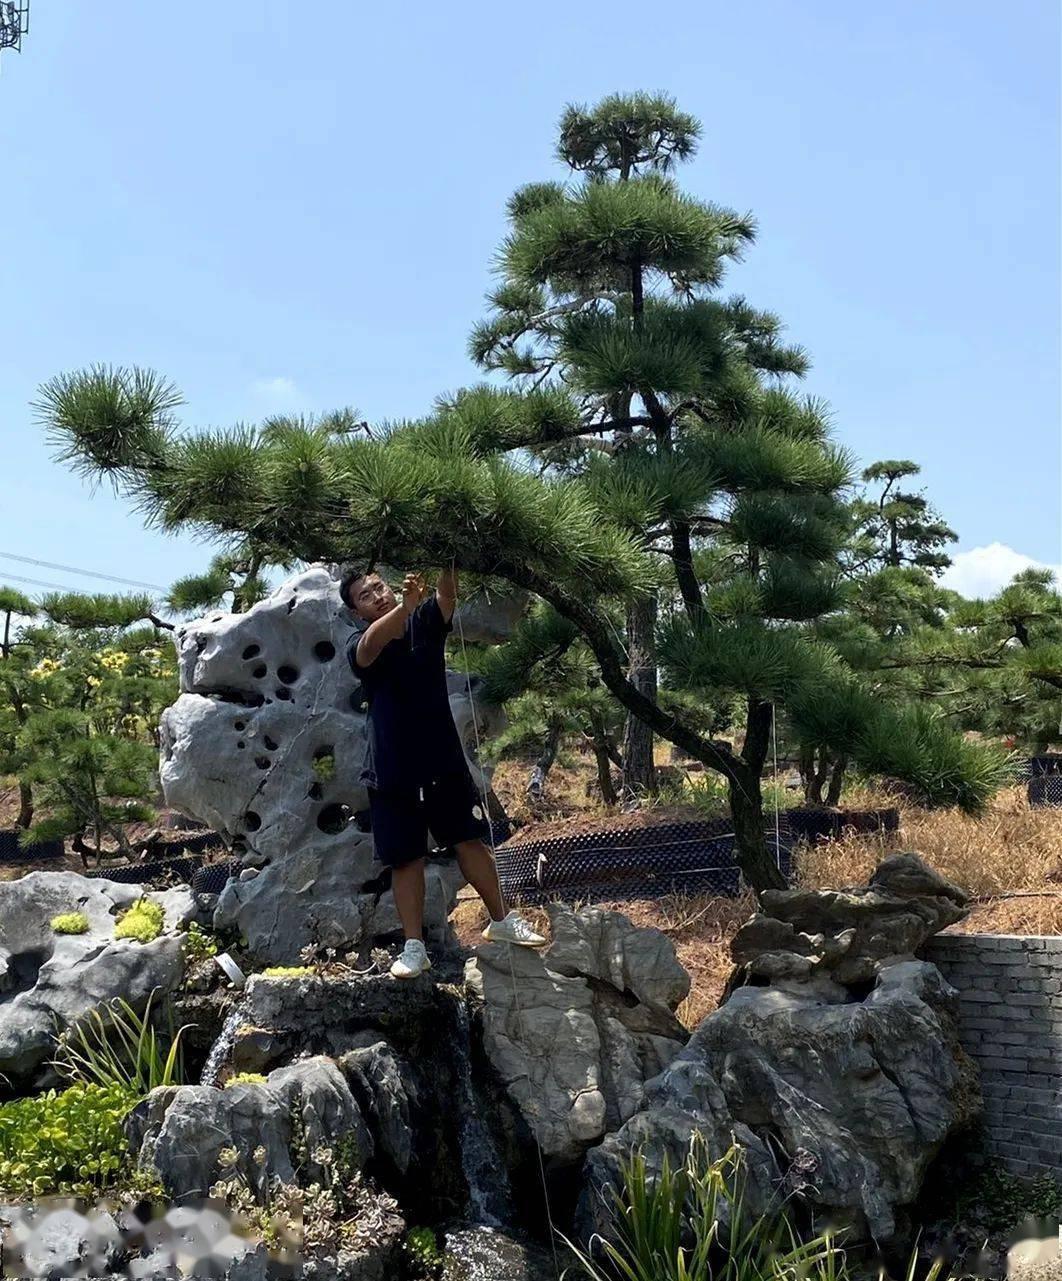 松树的作用_关于松树的诗句_人造松树